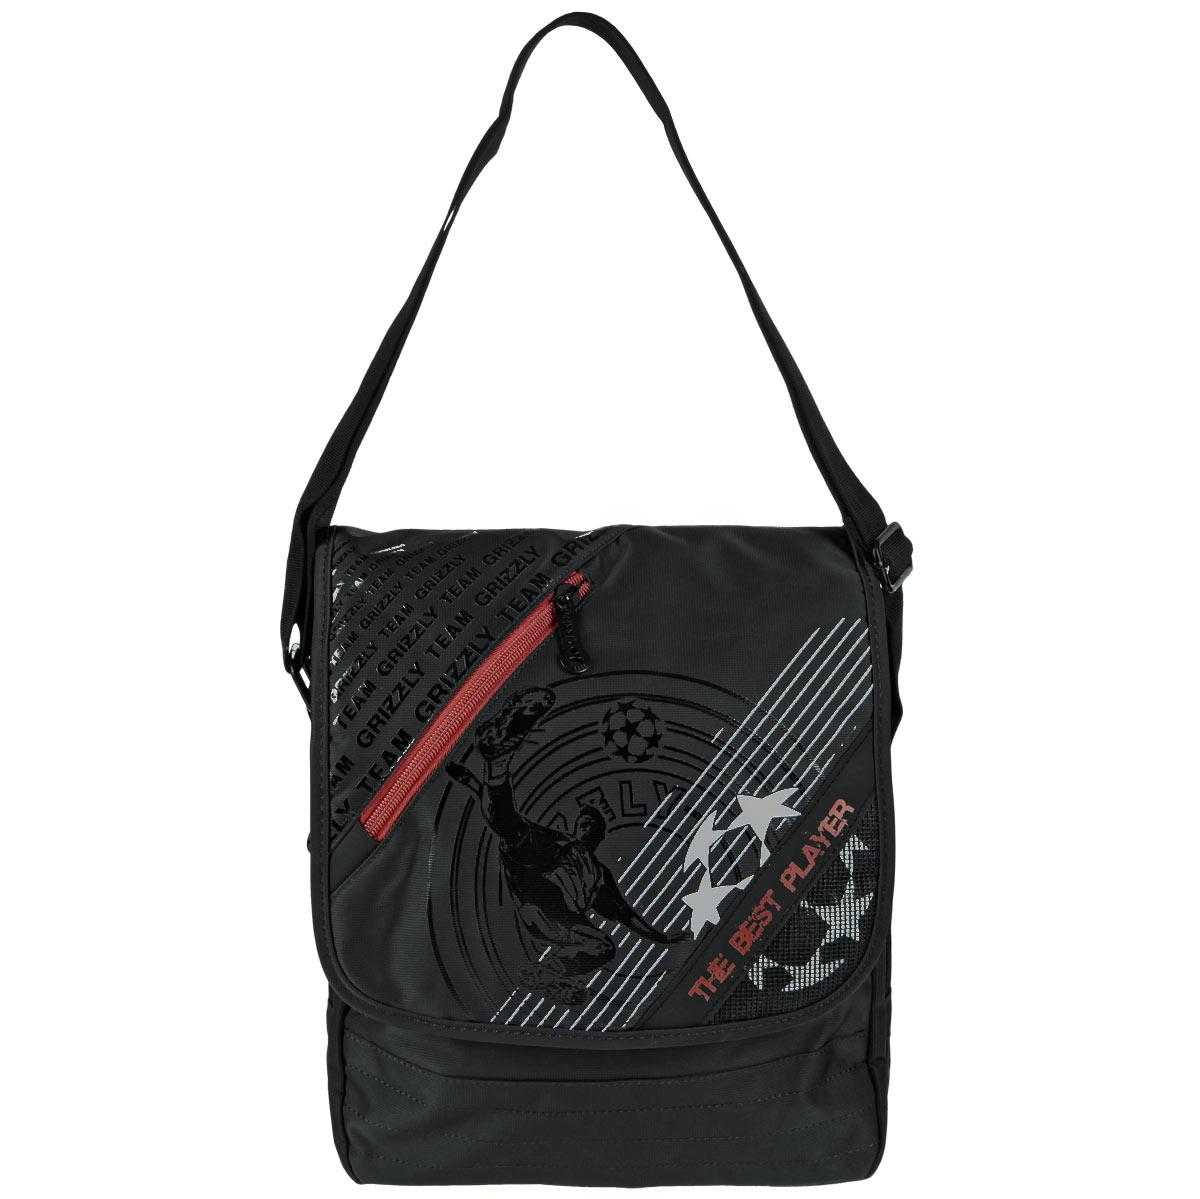 Grizzly Сумка школьная цвет черный красный MM-407-2ММ-407-2/2Сумка молодежная наплечная с клапаном, двумя отделениями, передними, задними и внутренними карманами и регулируемым ремнем.